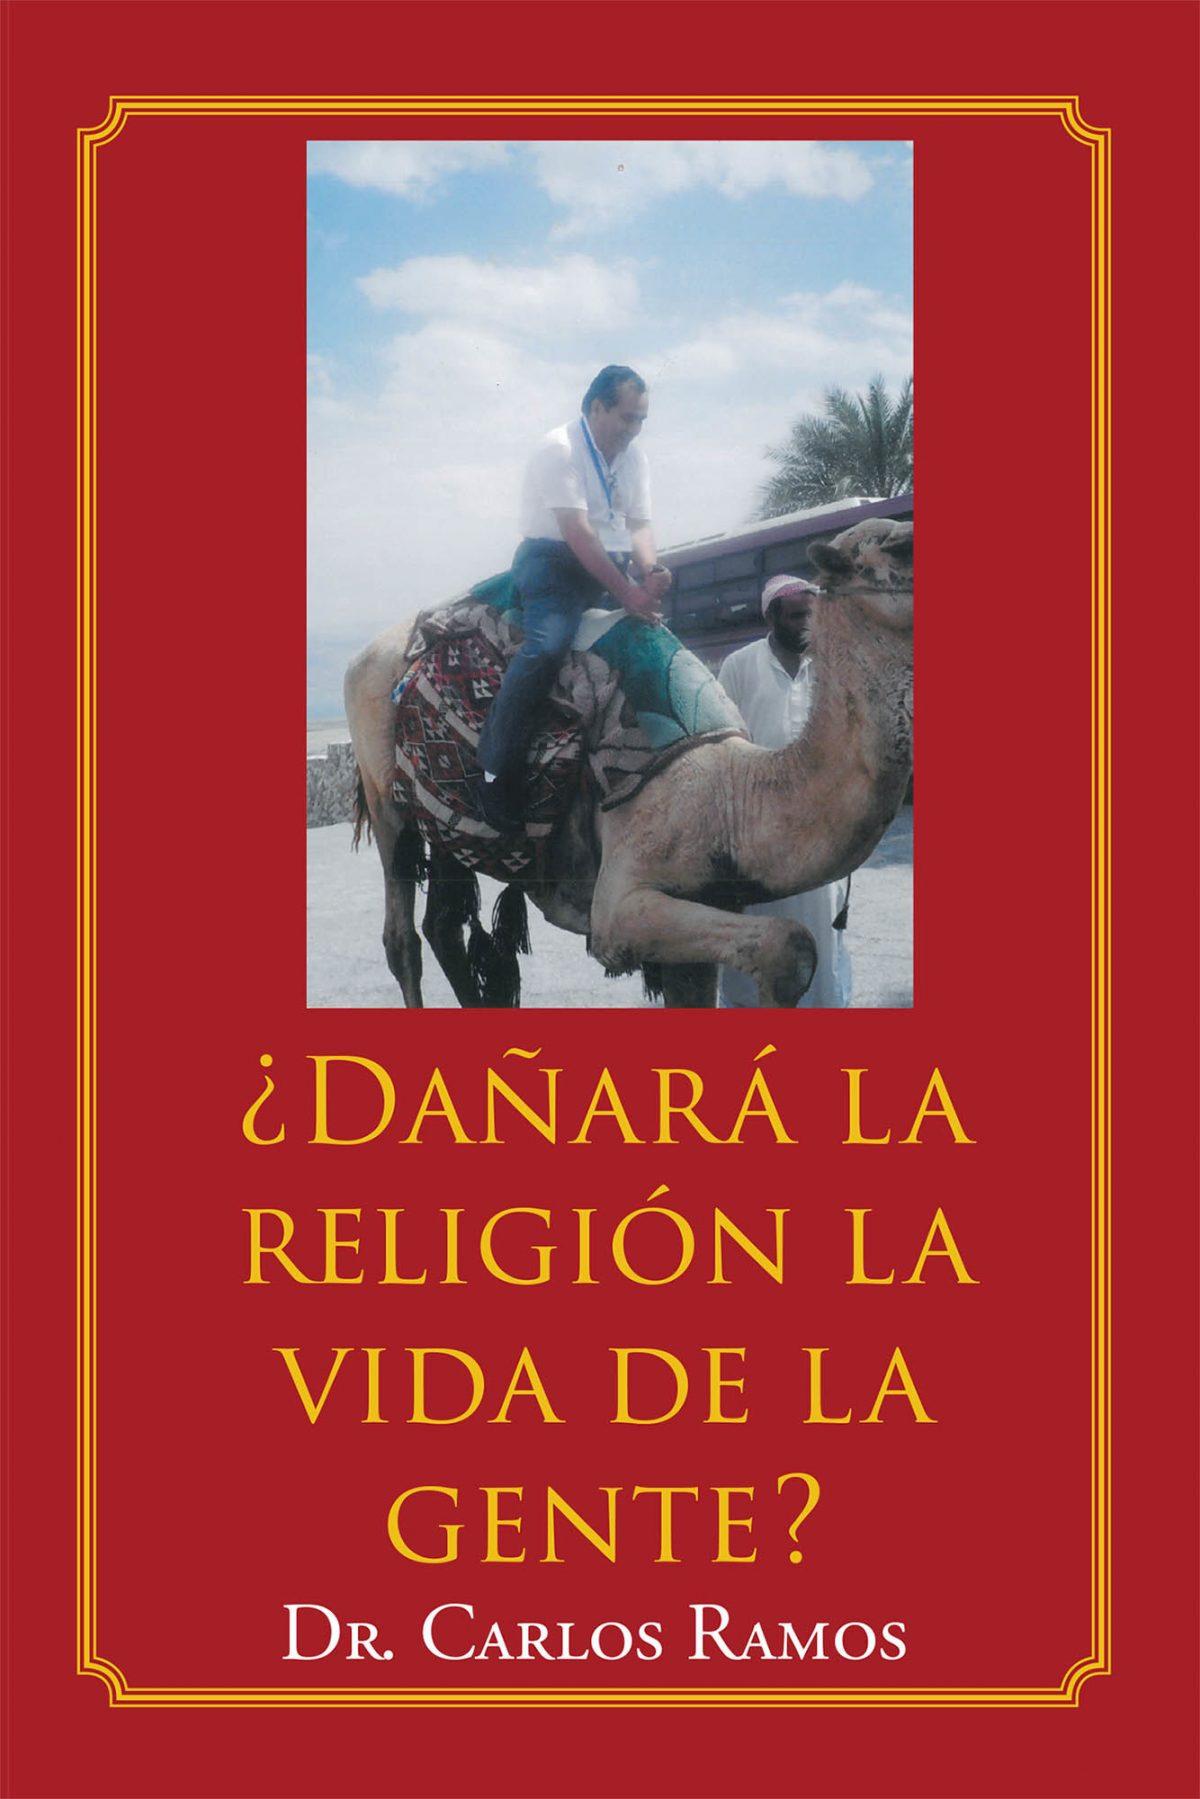 Dr. Carlos Ramos's New Book ¿Dañará La Religión La Vida De La Gente? An Astute Guide On The Misguidance Of Religious Preaching Convoluted By Mundane Ideas